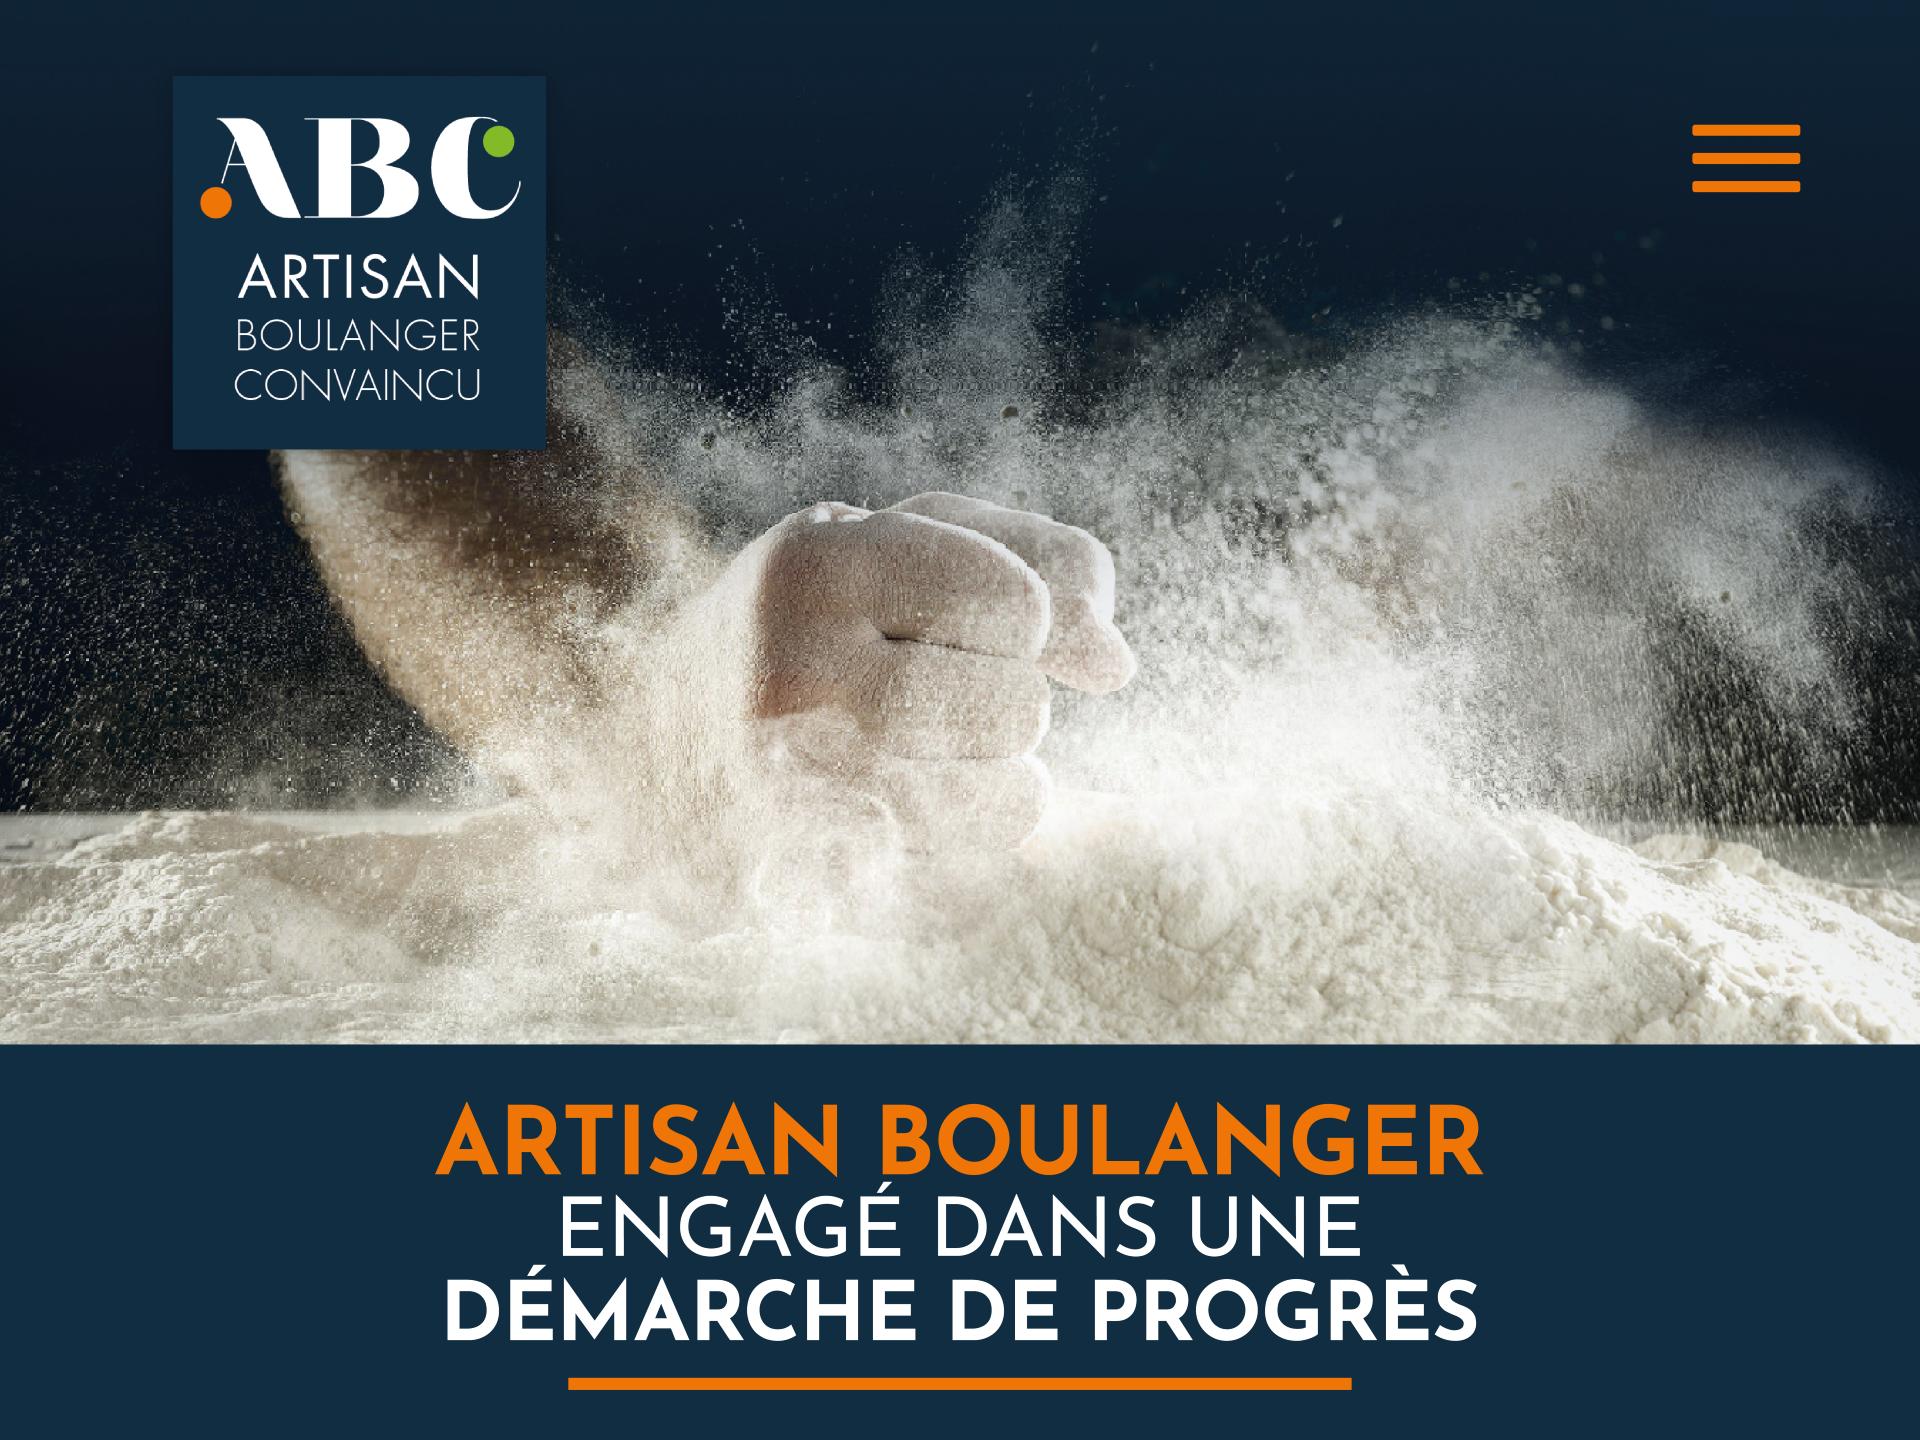 Artisan-boulanger-convaincu-ABC Presse et web pour la boulangerie artisanale - iStudio - Agence Web 360° à Cholet